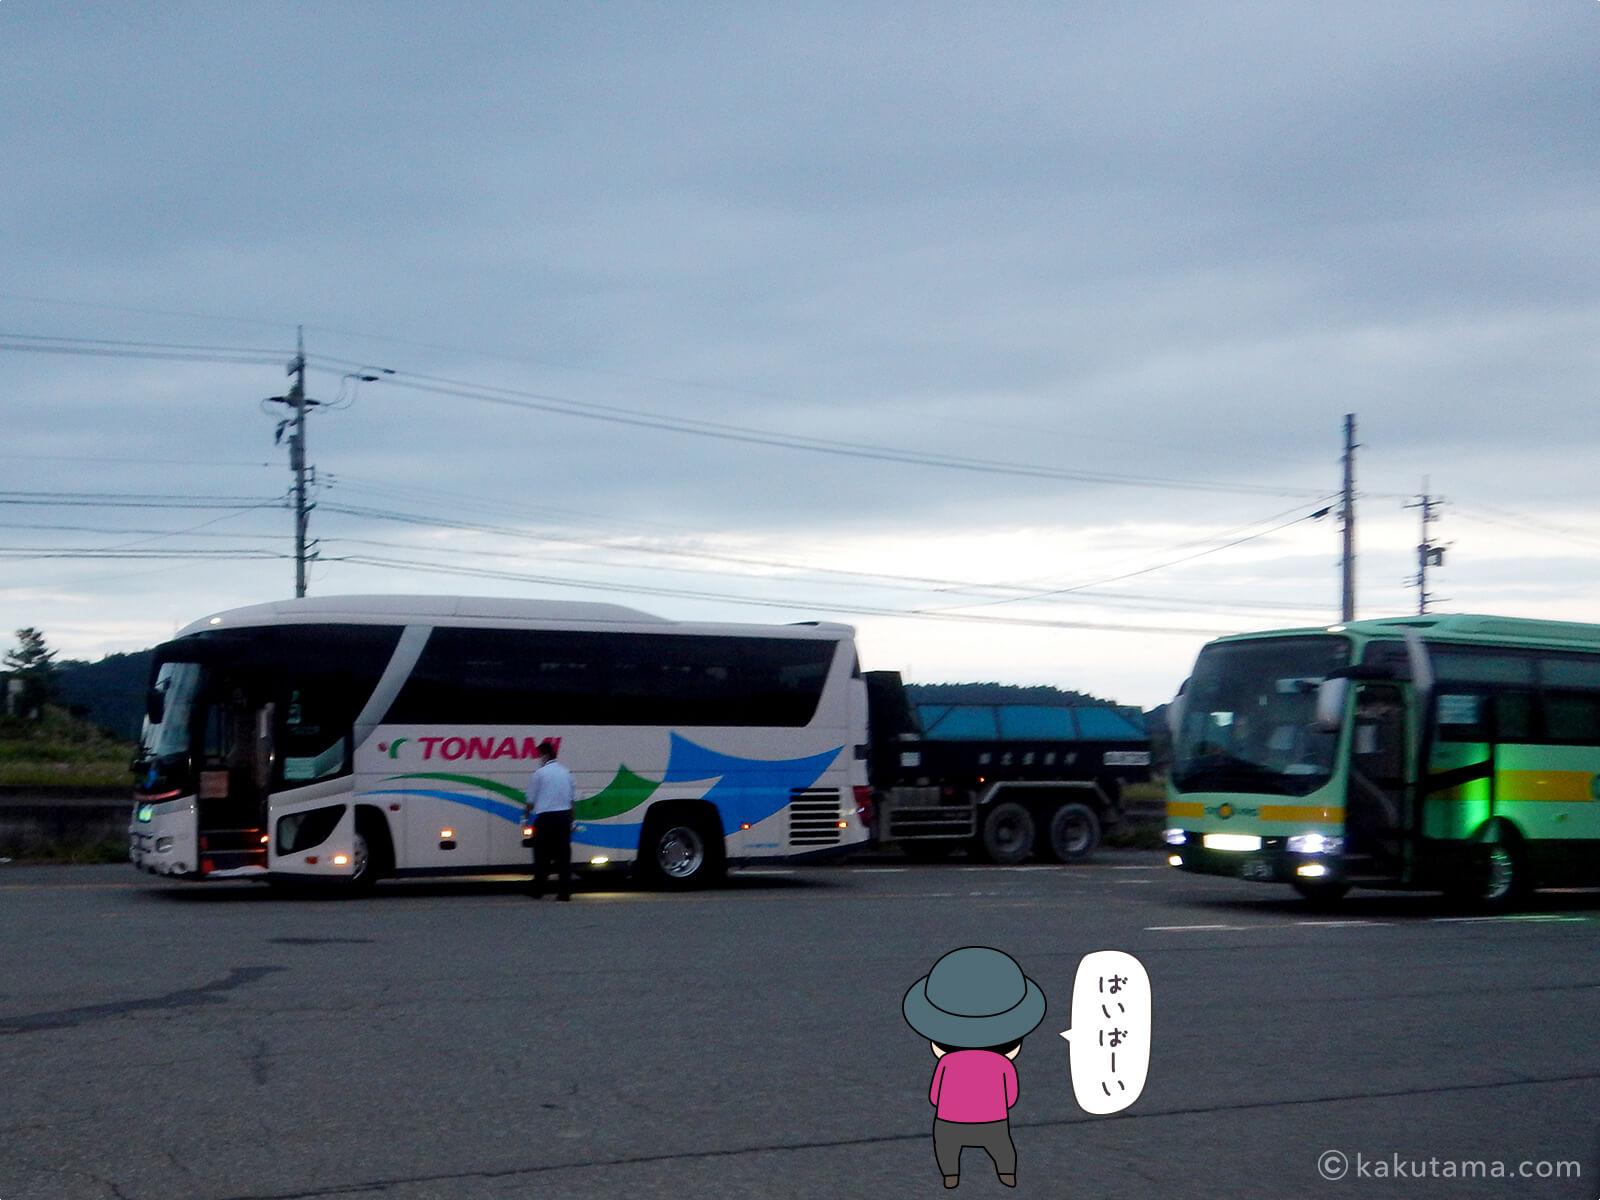 室堂行きと折立行きバスで分かれる